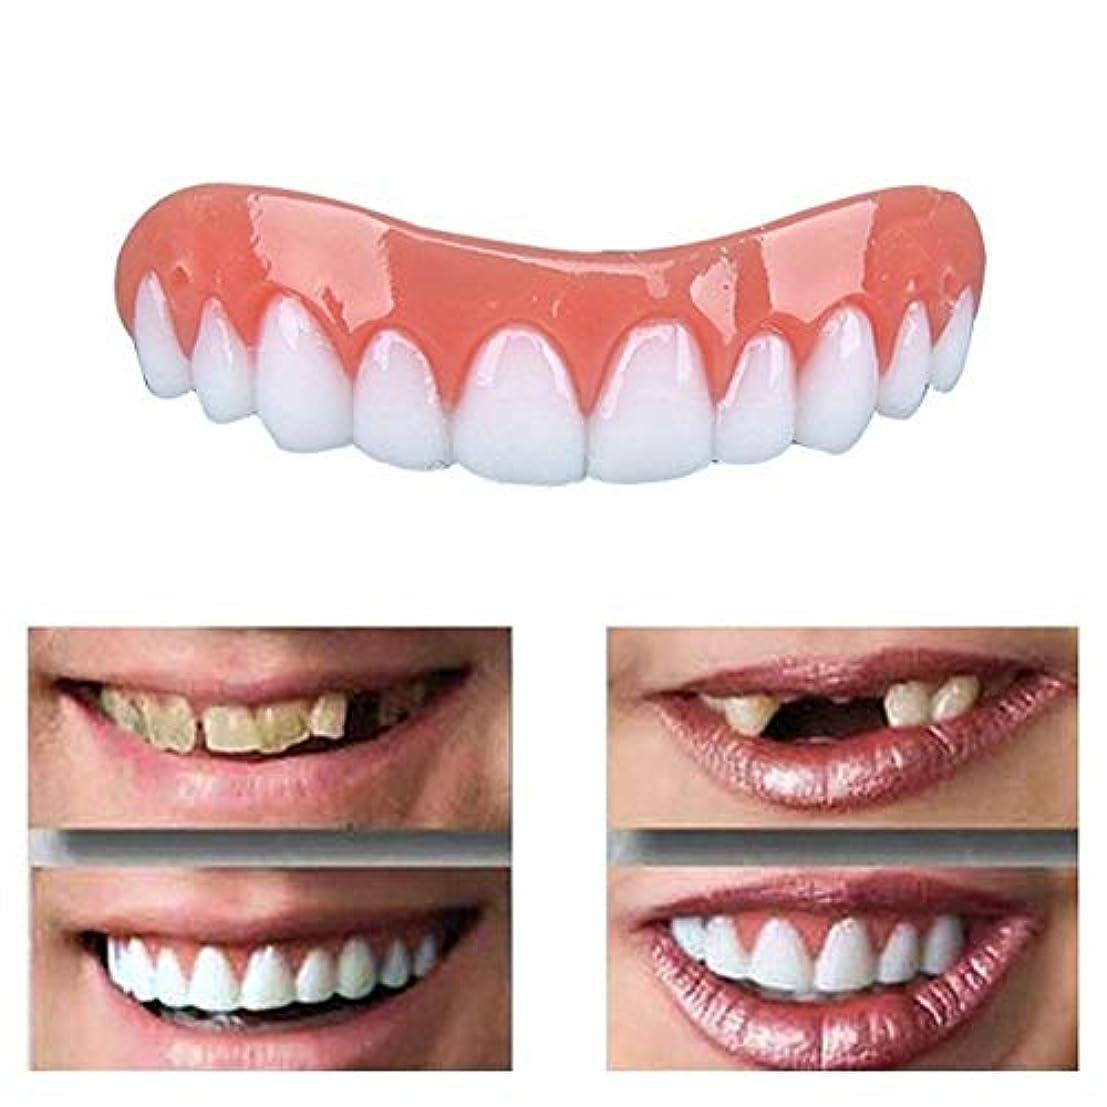 瞑想するカテゴリー川20ピースパーフェクトスマイルベニア偽の歯アッパー偽の歯カバースナップオン即時の歯化粧品義歯のケアオーラルケアシリコーンホワイトニング義歯